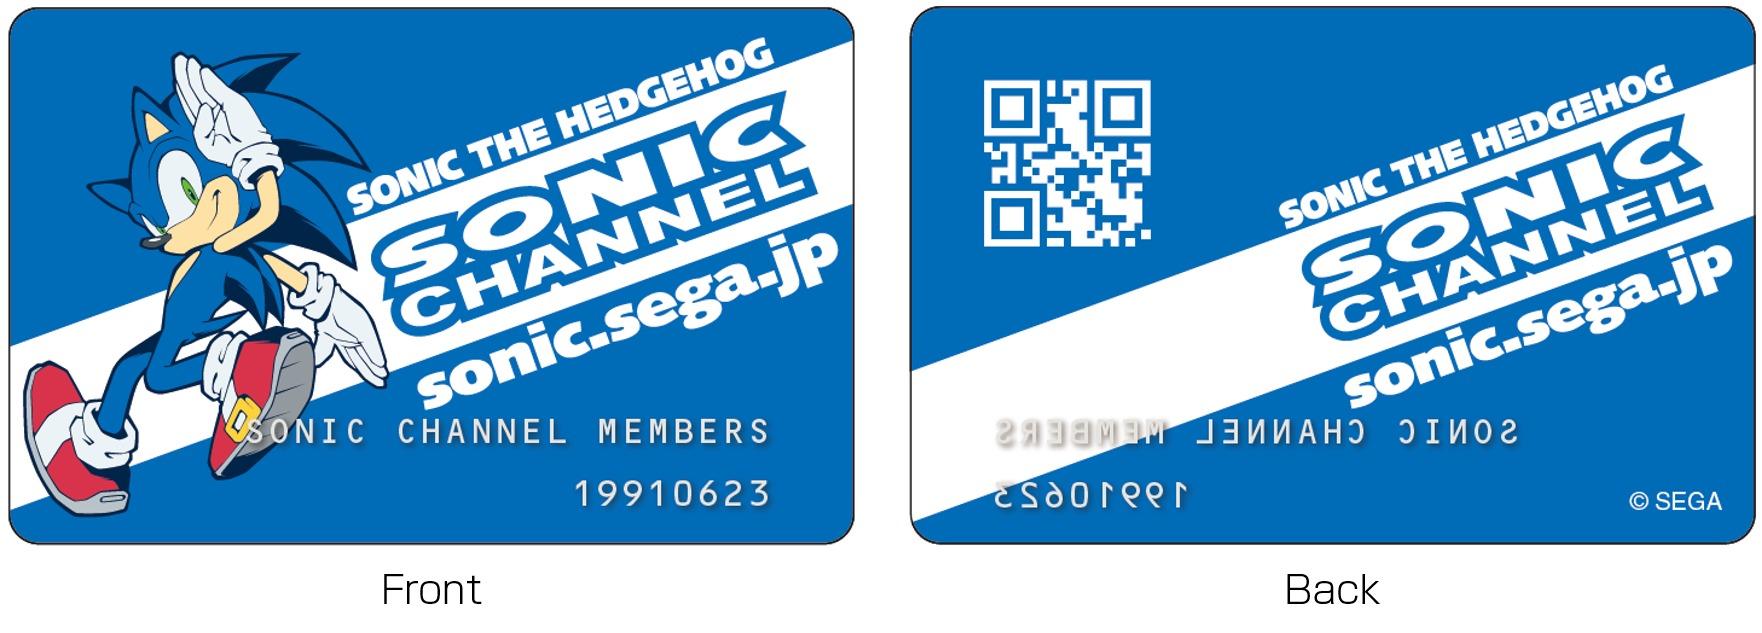 「ソニック」シリーズポータルサイト「SONIC CHANNEL」のオリジナルメンバーズカード